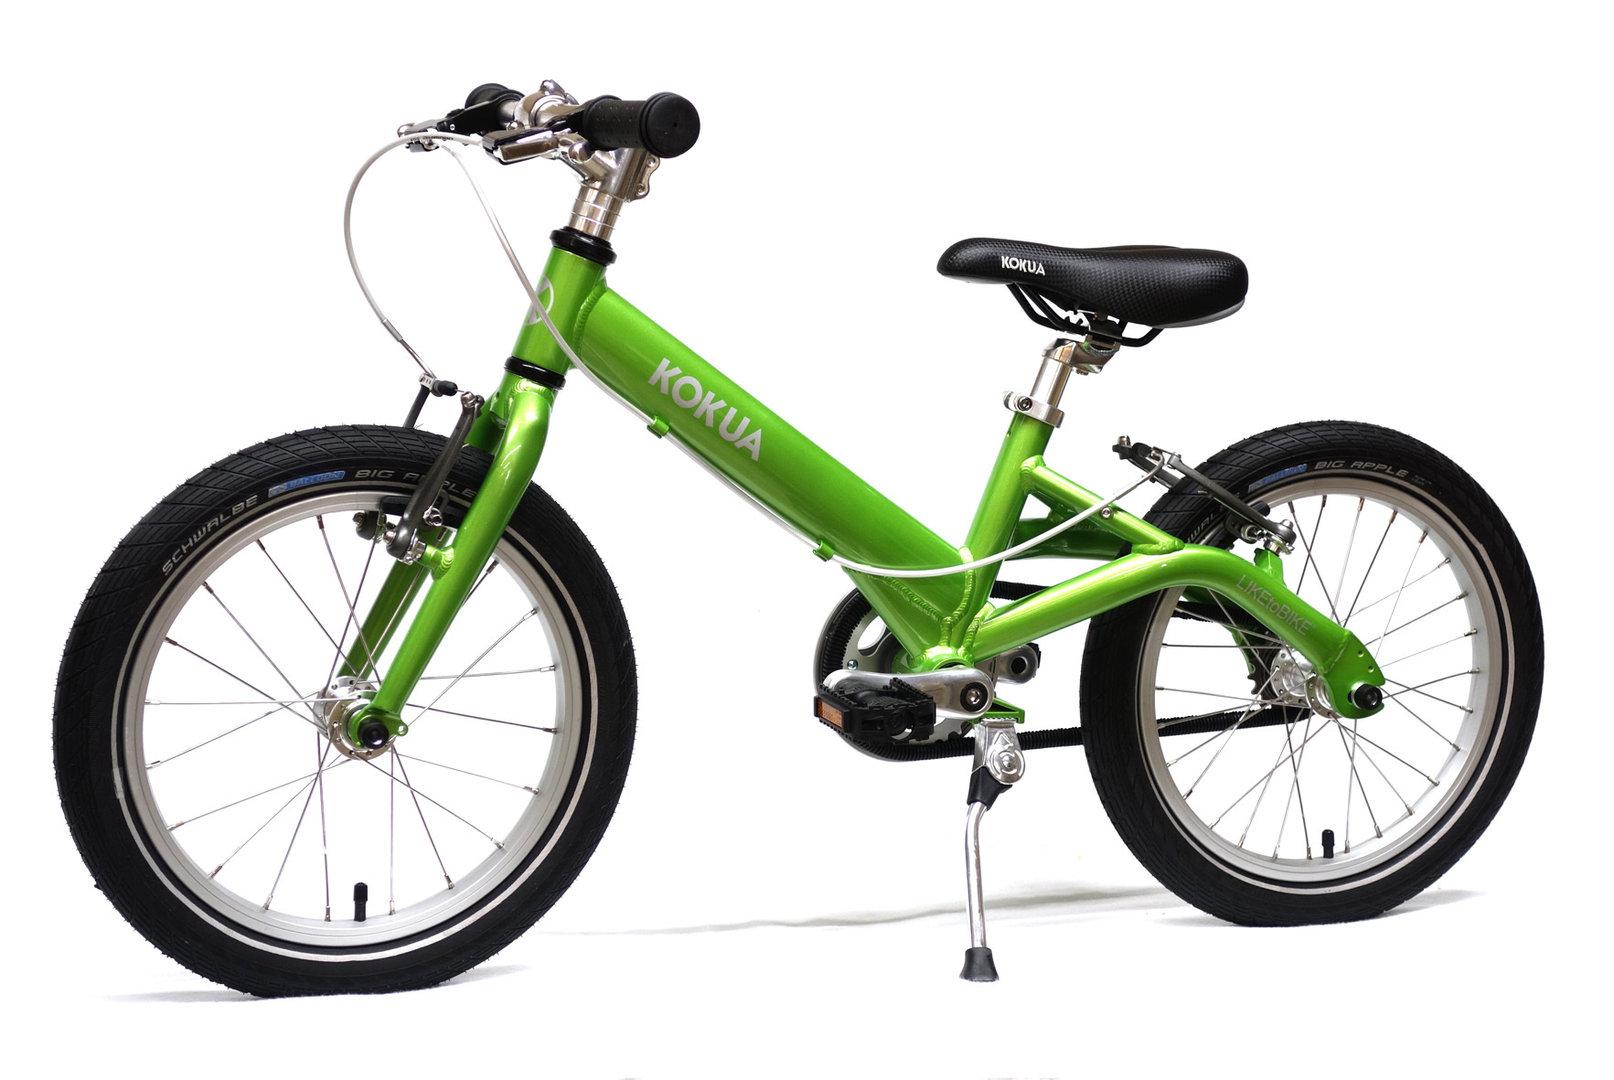 altavelo fahrradladen heidelberg  leichte kinderräder